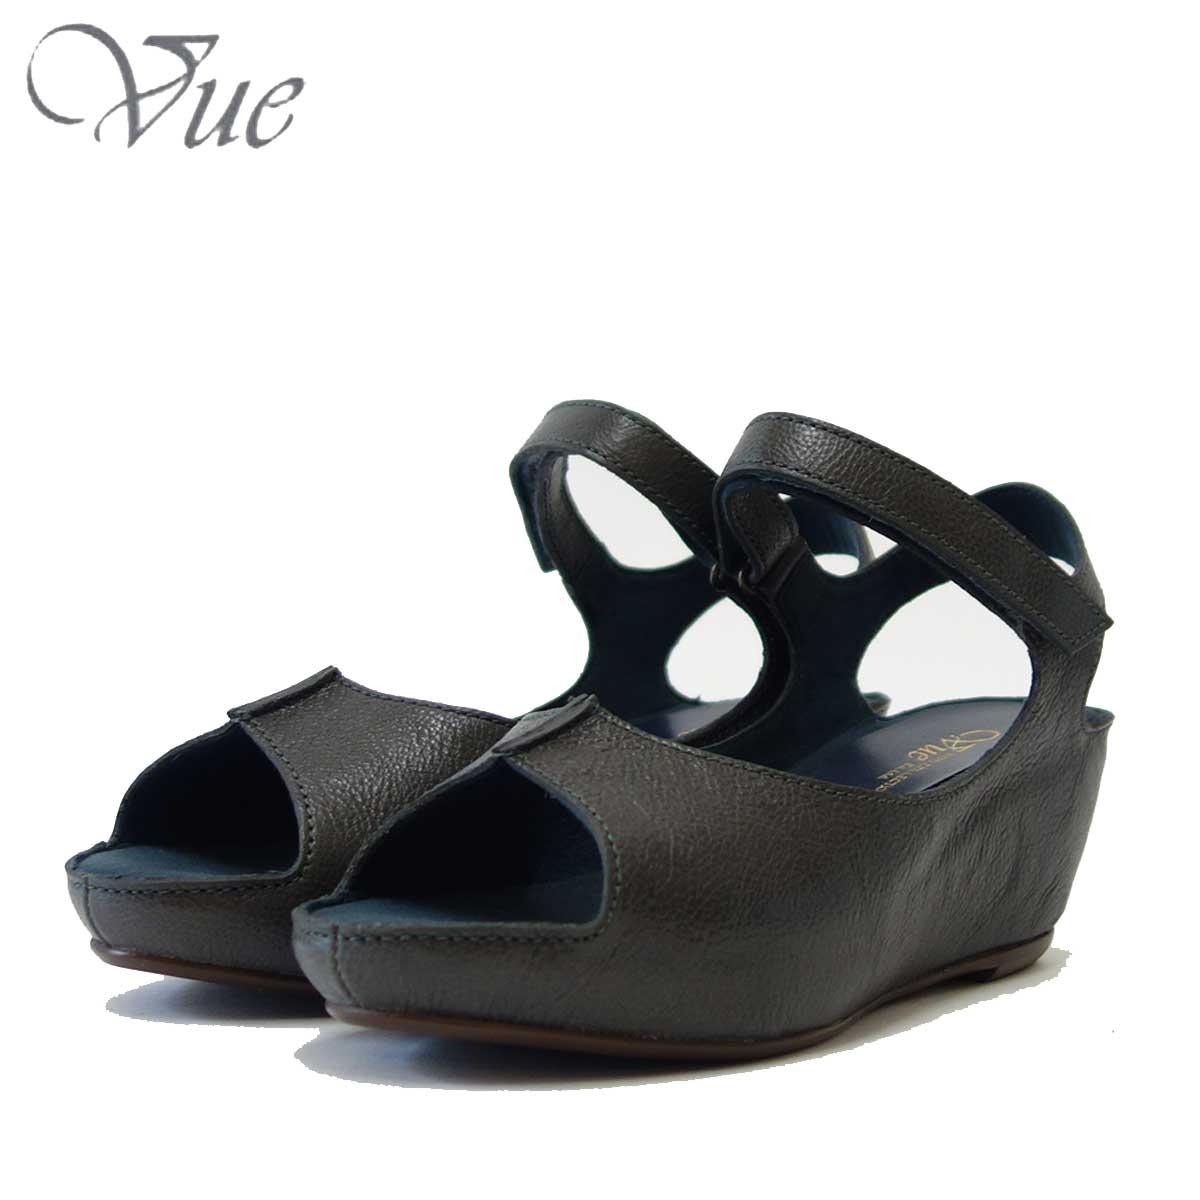 Vue ビュー EIZO Collection 53577 ブルー(ダークグレー系) オープントゥ ウェッジサンダル 「靴」